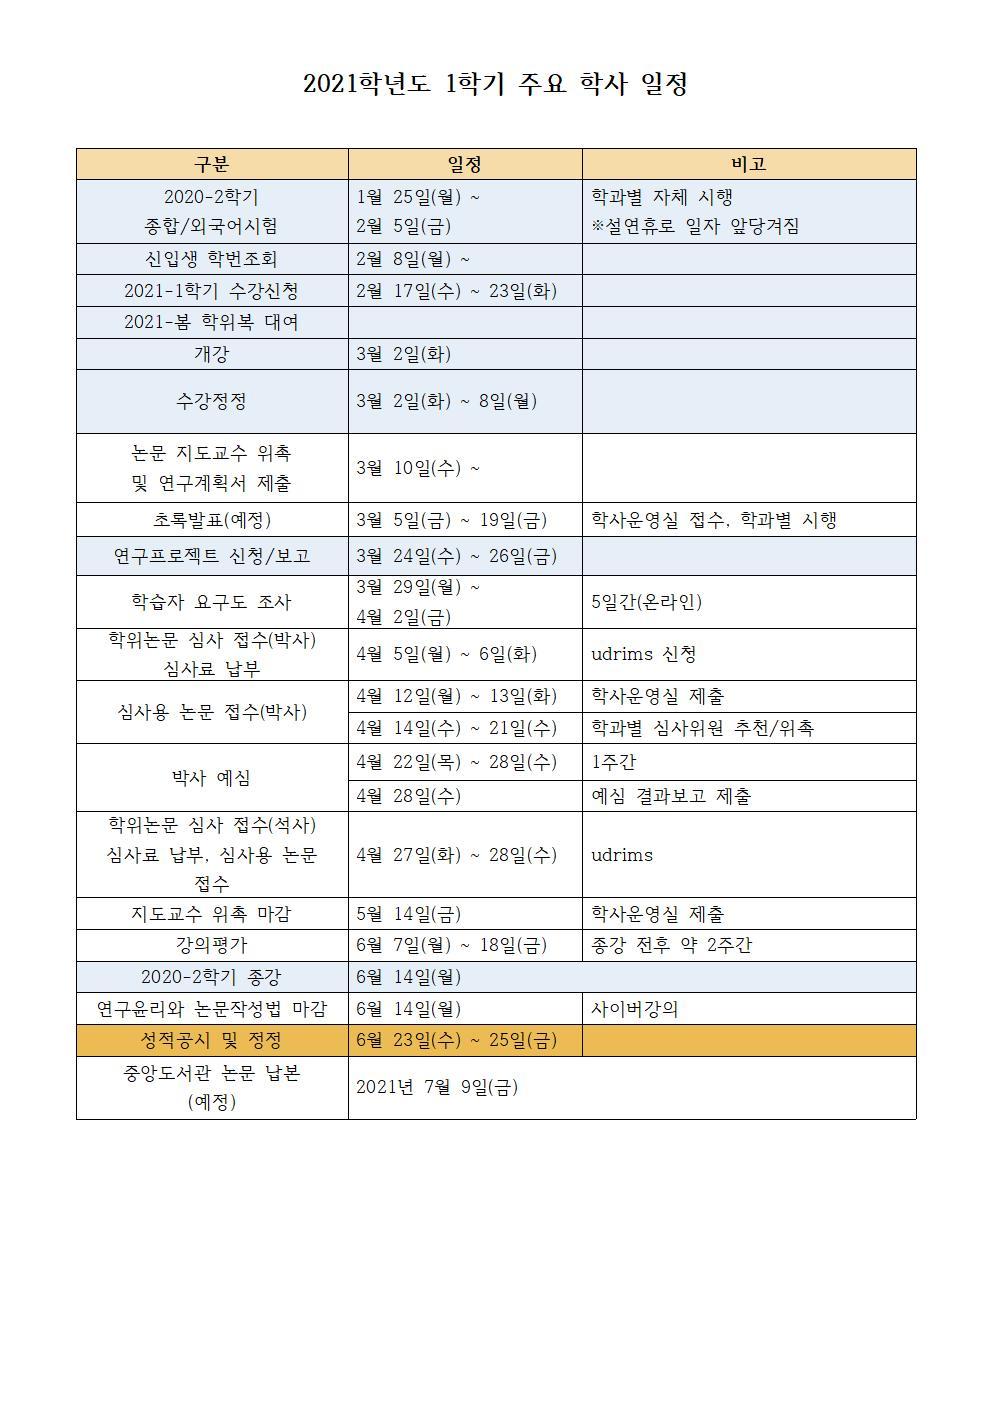 2021학년도 1학기 주요 업무 일정(공지용_최종)001